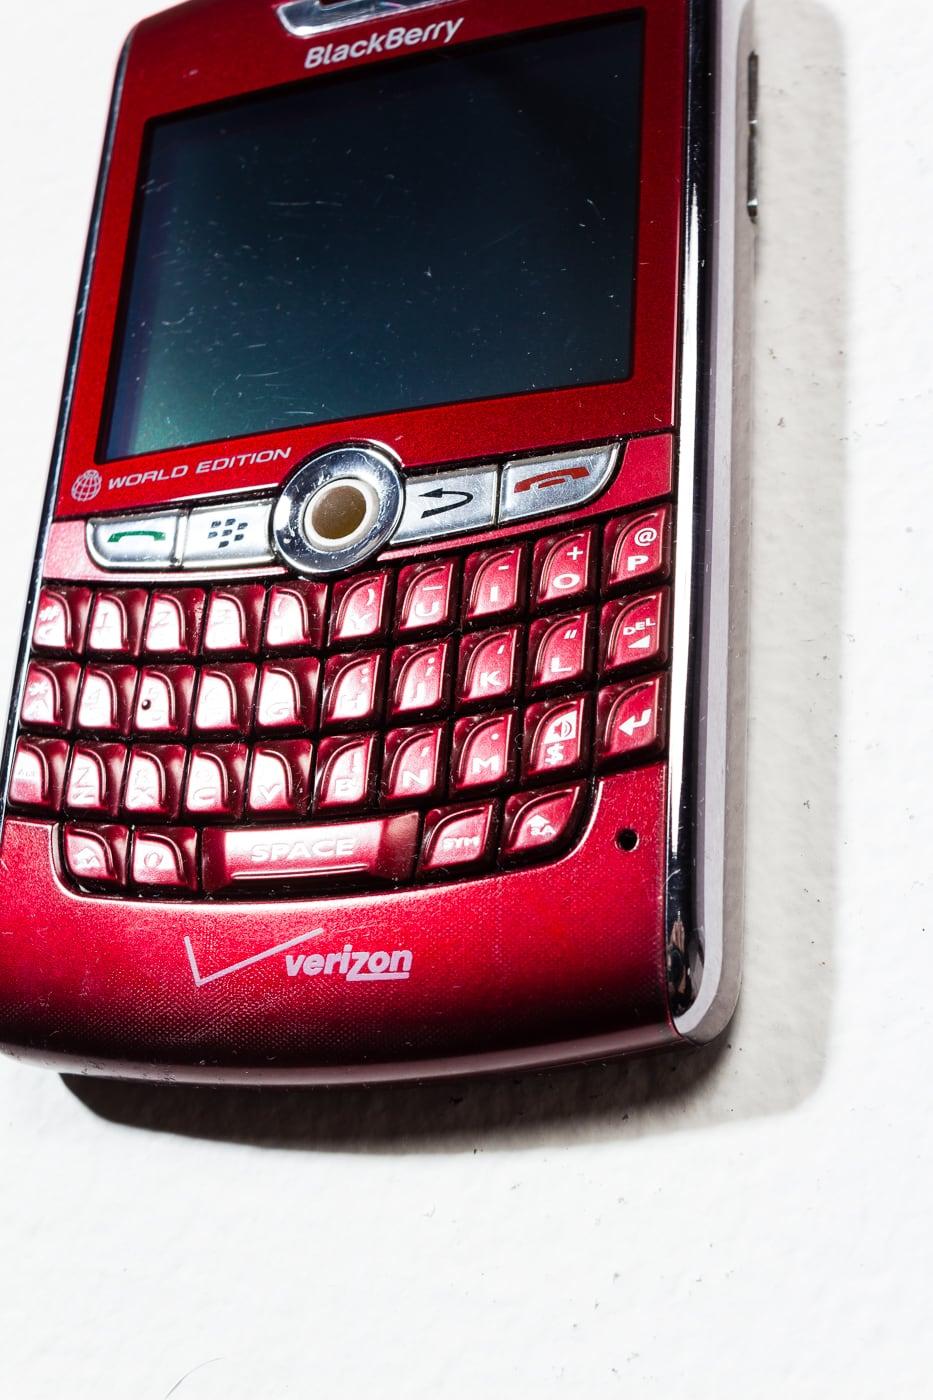 Te062 Red Blackberry Mobile Phone Prop Rental Acme Brooklyn